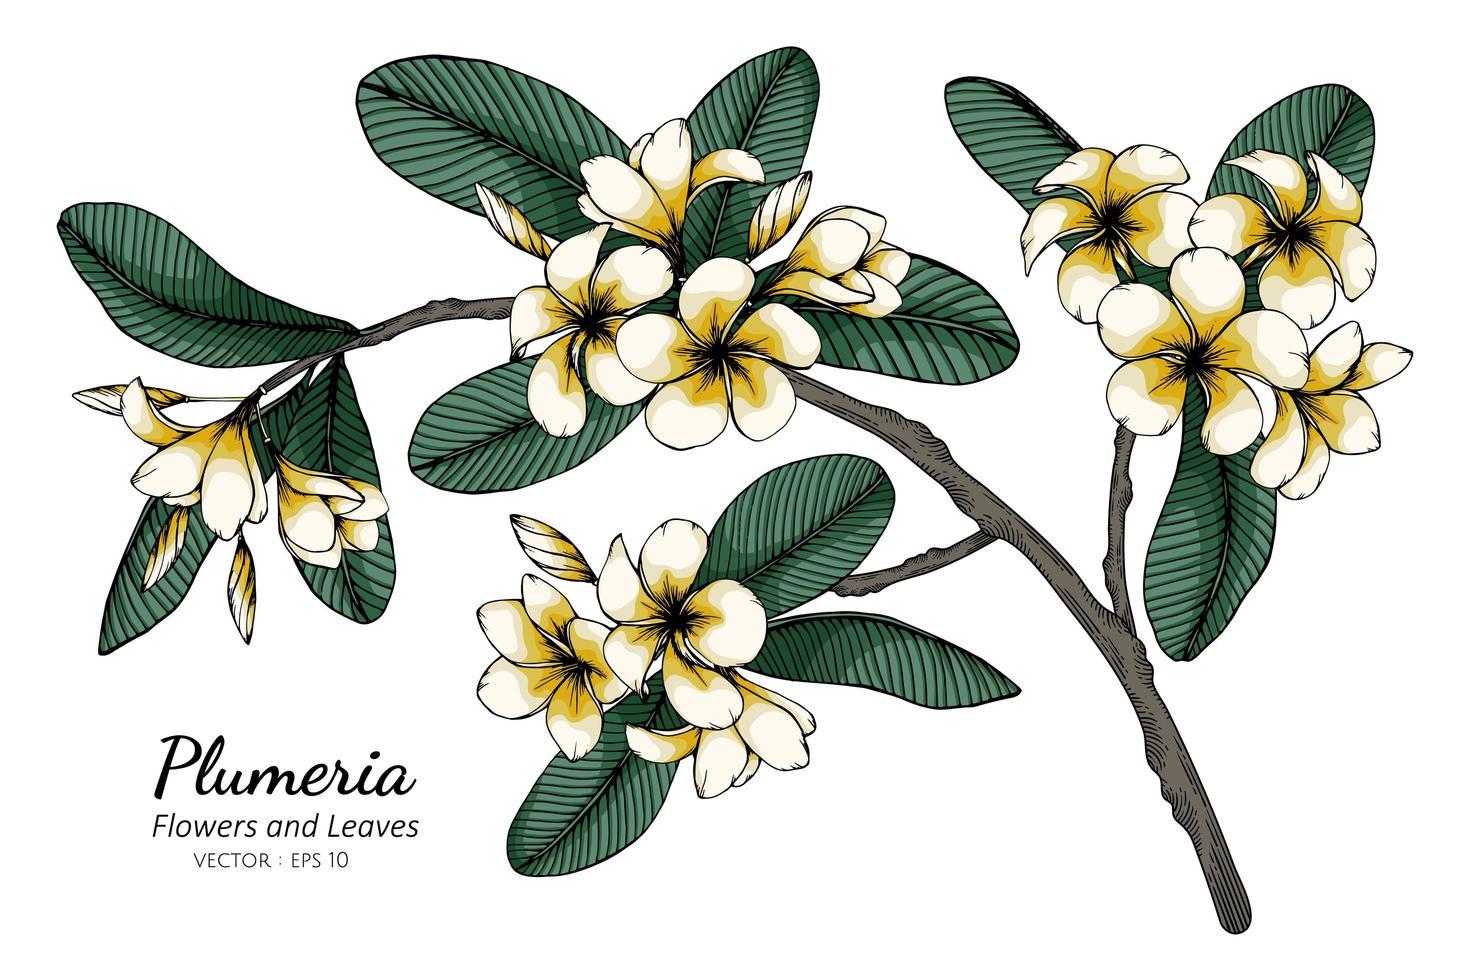 disegno di fiori e foglie di plumeria vettore